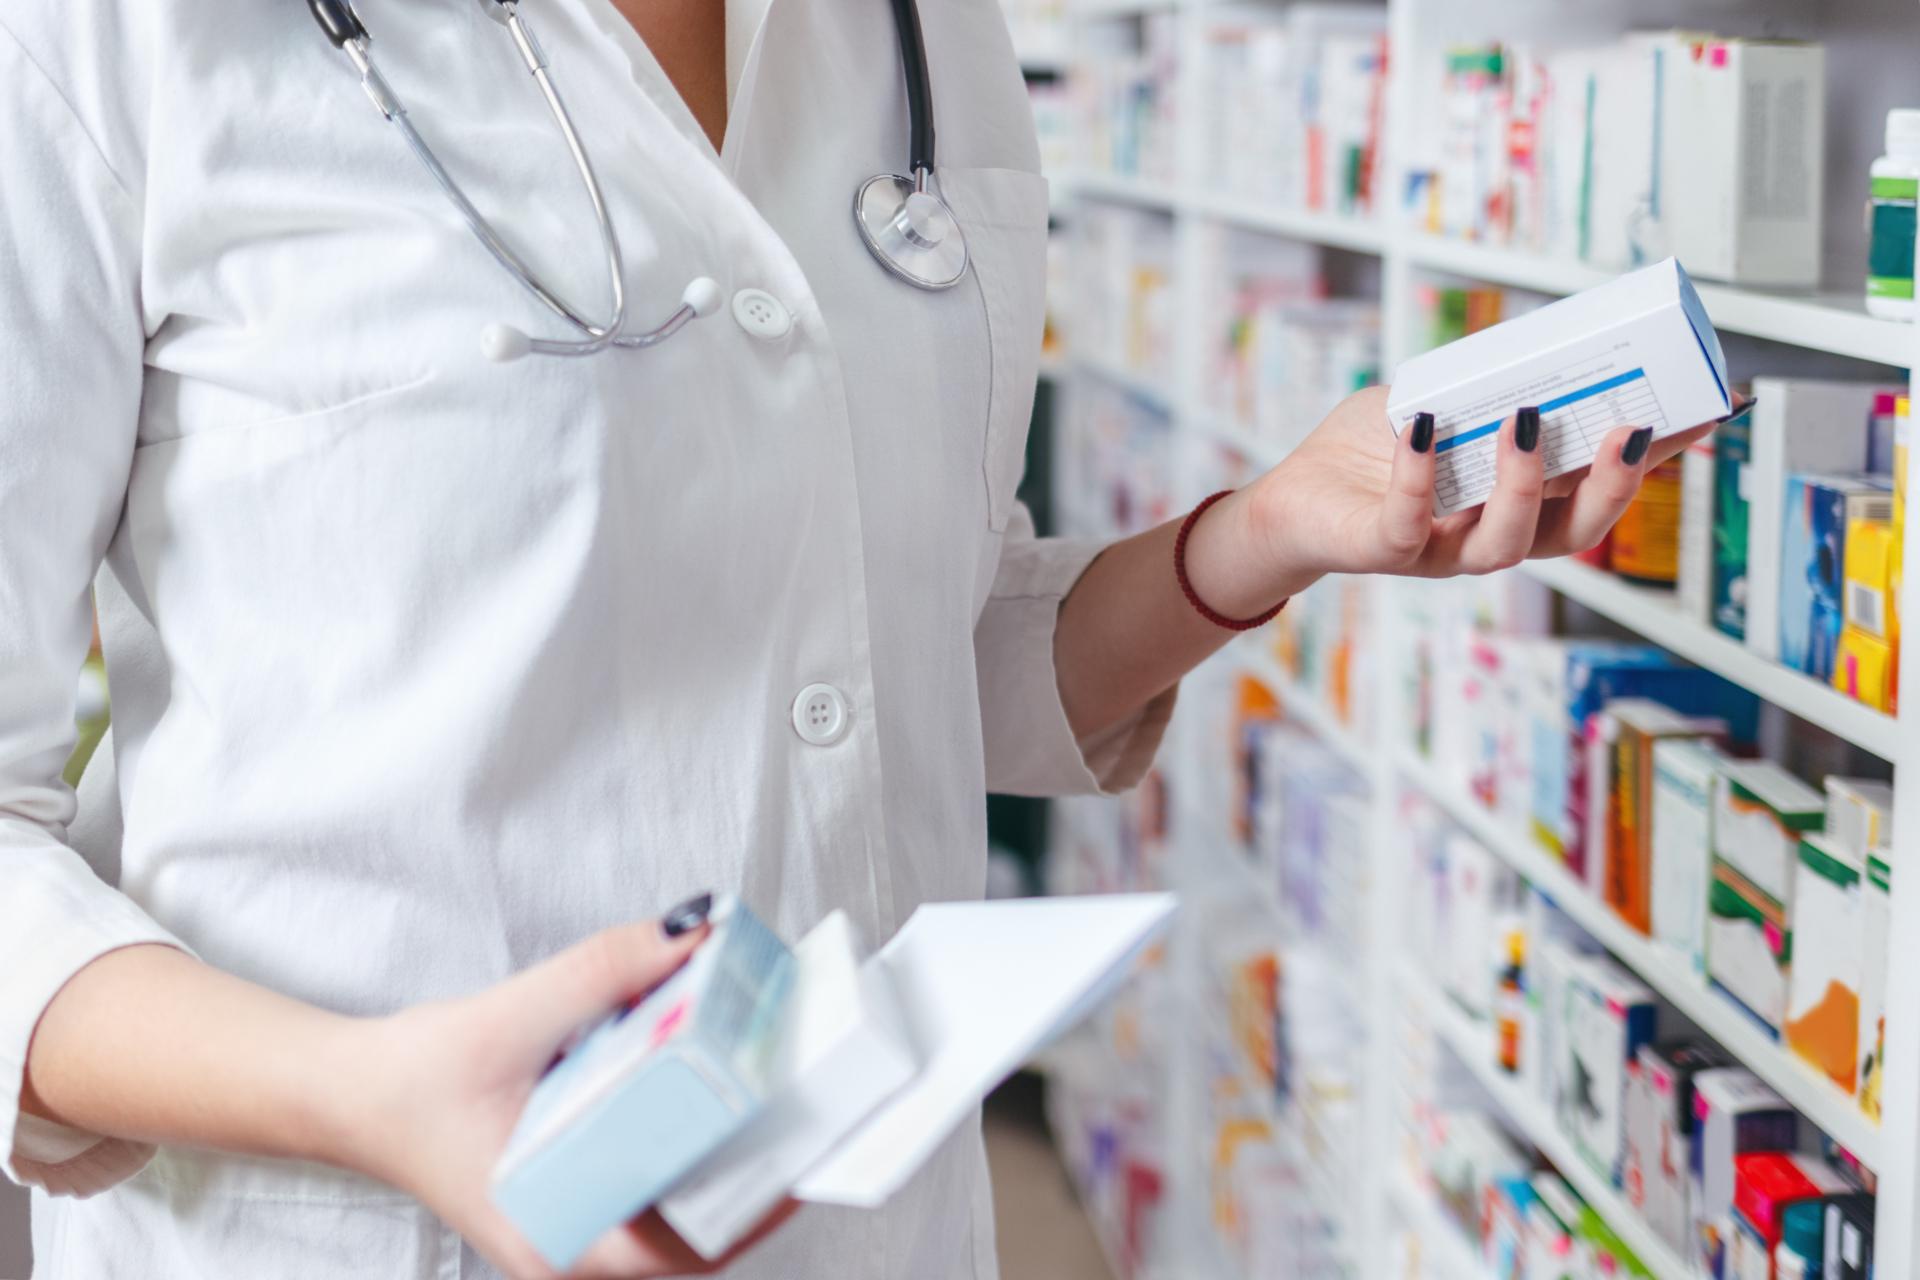 просто можно льготное обеспечение лекарственными средствами картинки удивлена